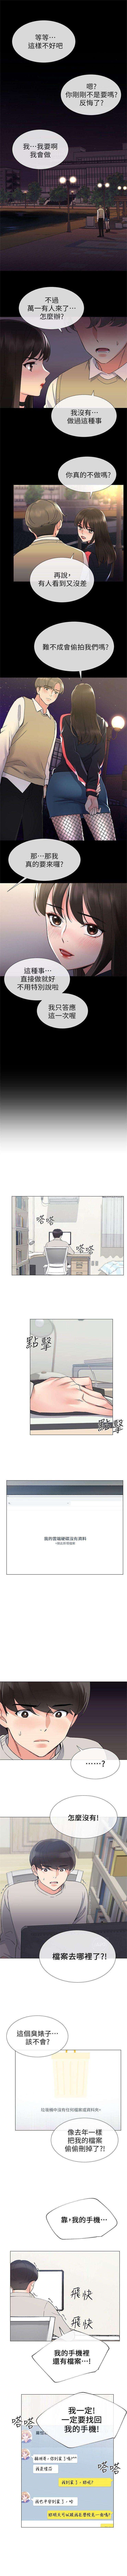 (週5)重考生 1-52 中文翻譯(更新中) 123